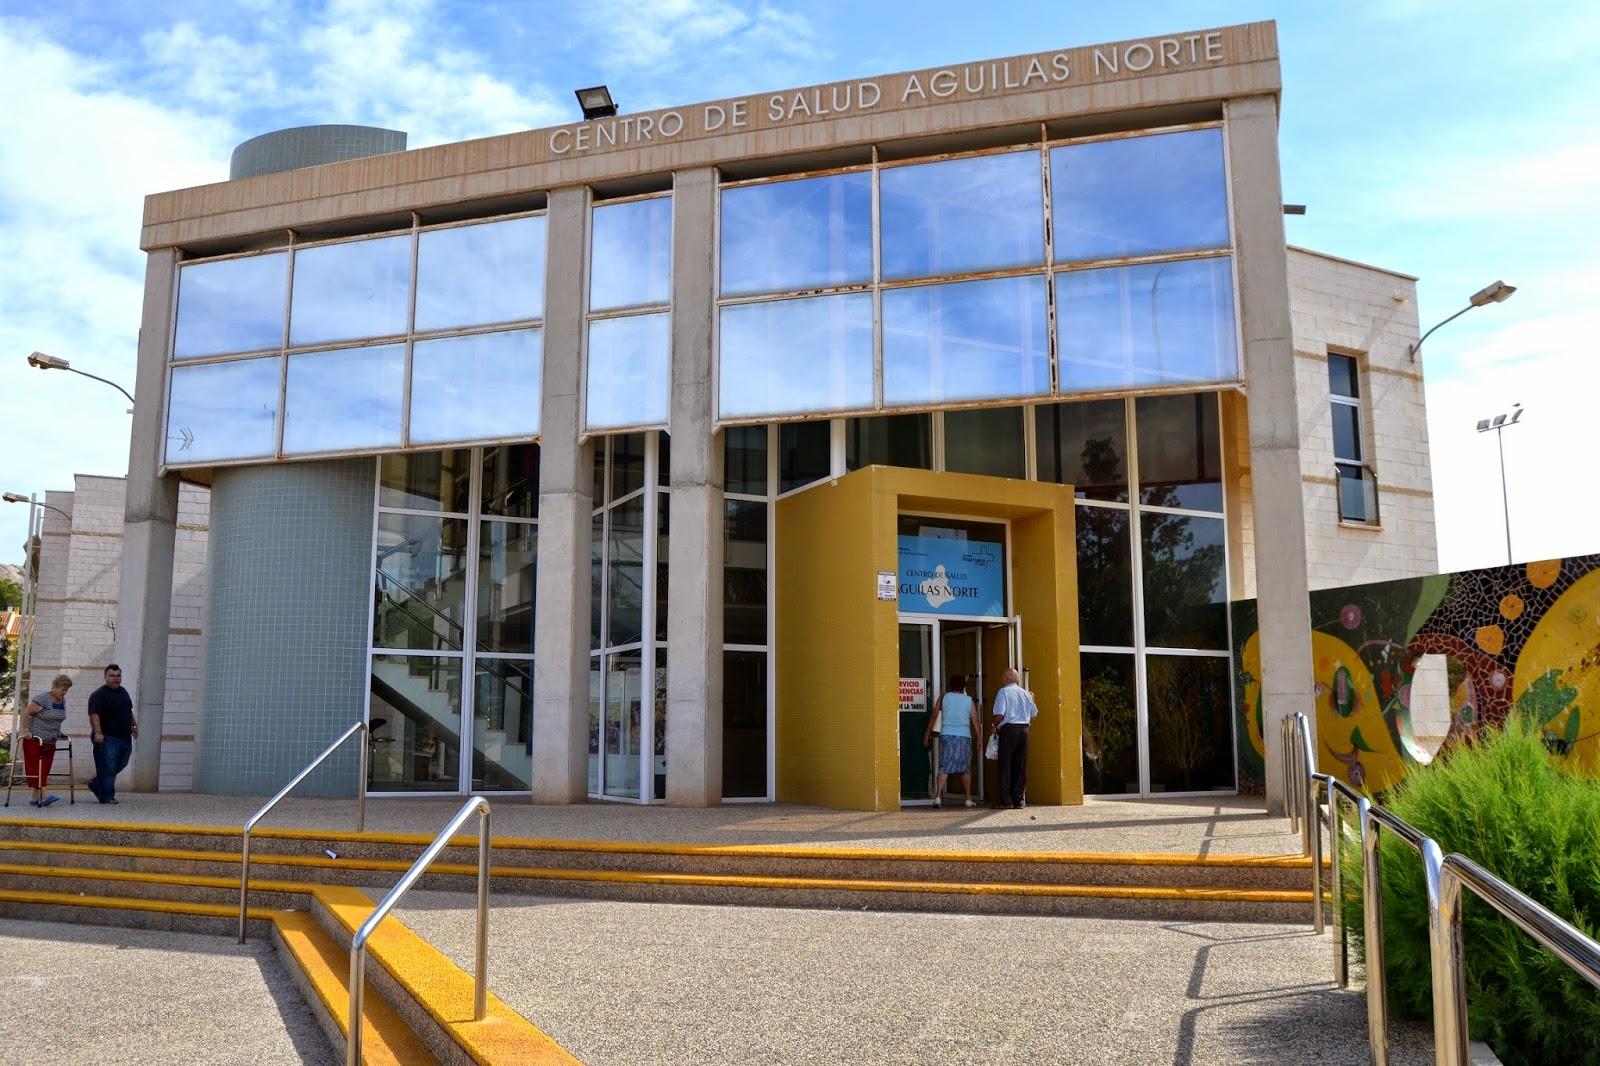 Centro de salud la flota murcia beautiful datos del evento with centro de salud la flota murcia - Centro de salud la flota ...